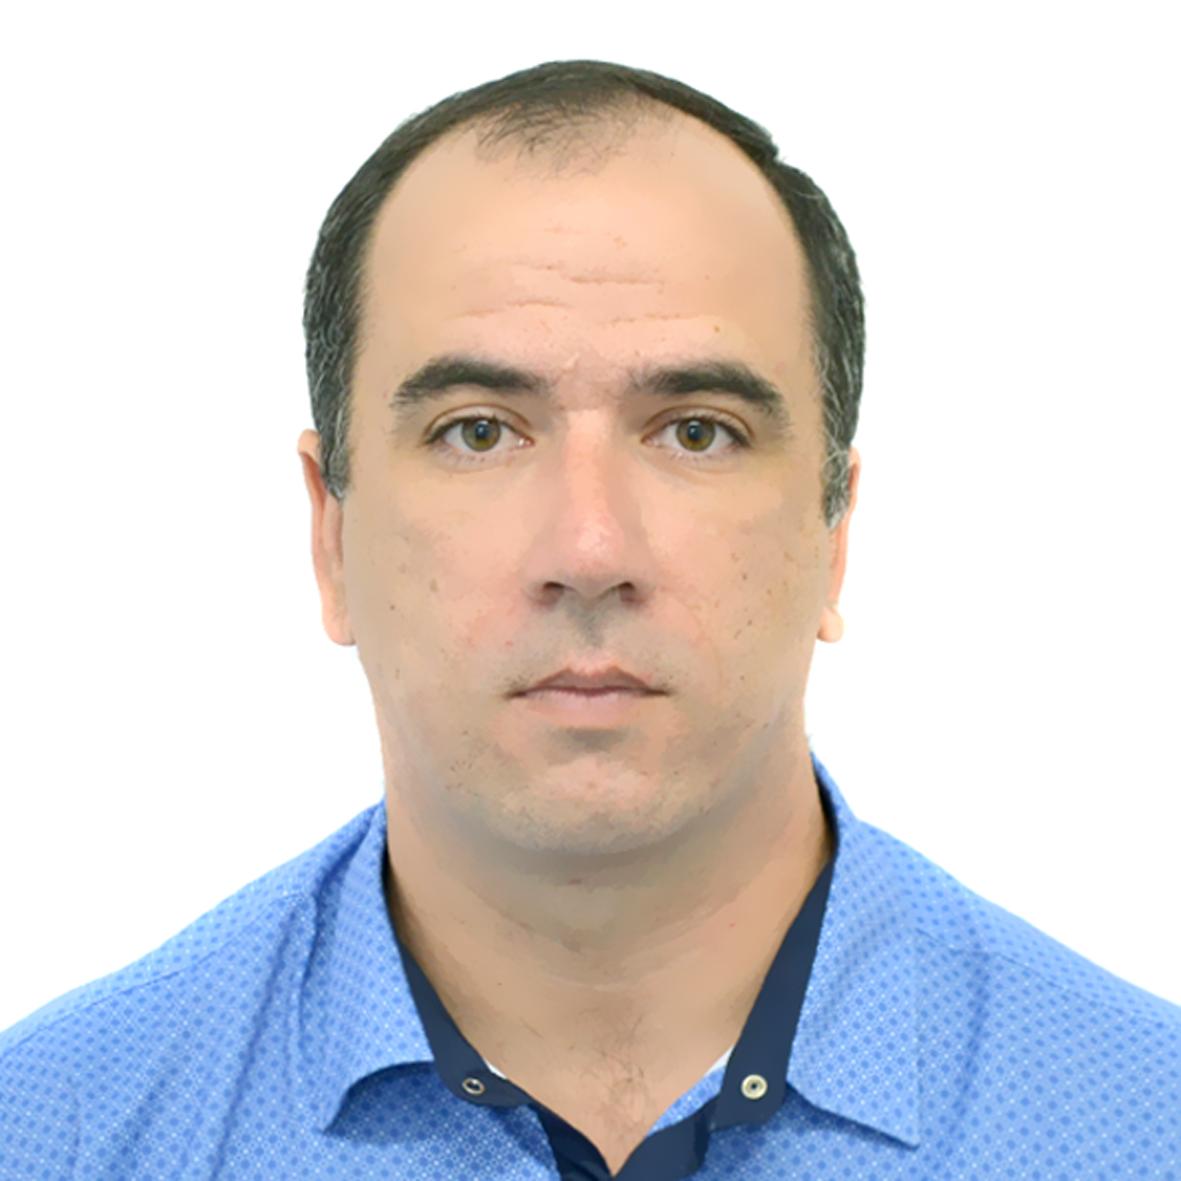 Denis Protsenko seafarer Master Oil/Chemical tanker